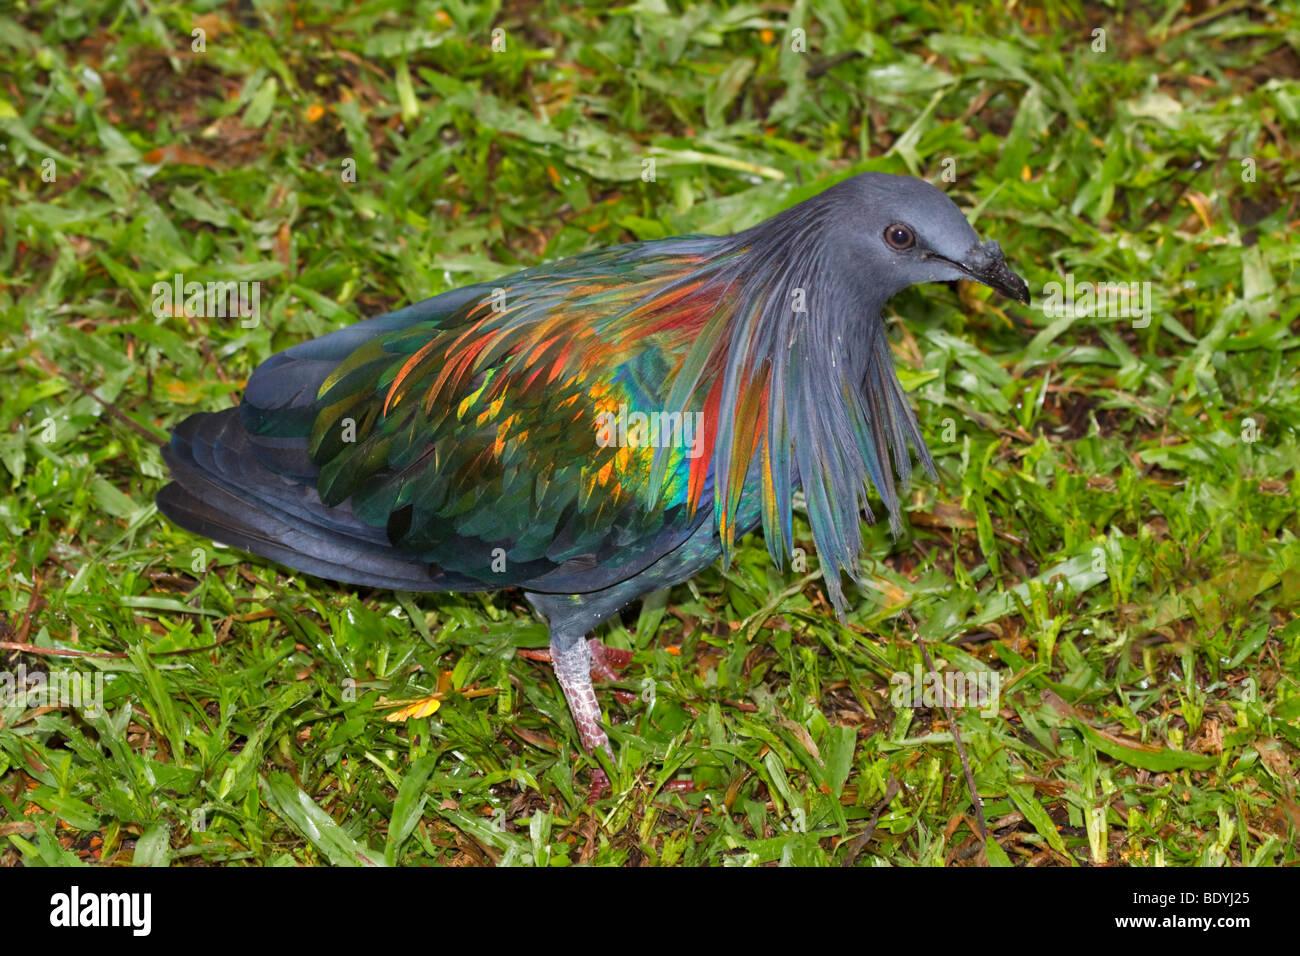 Nicobar Pigeon, Caloenas nicobarica. - Stock Image